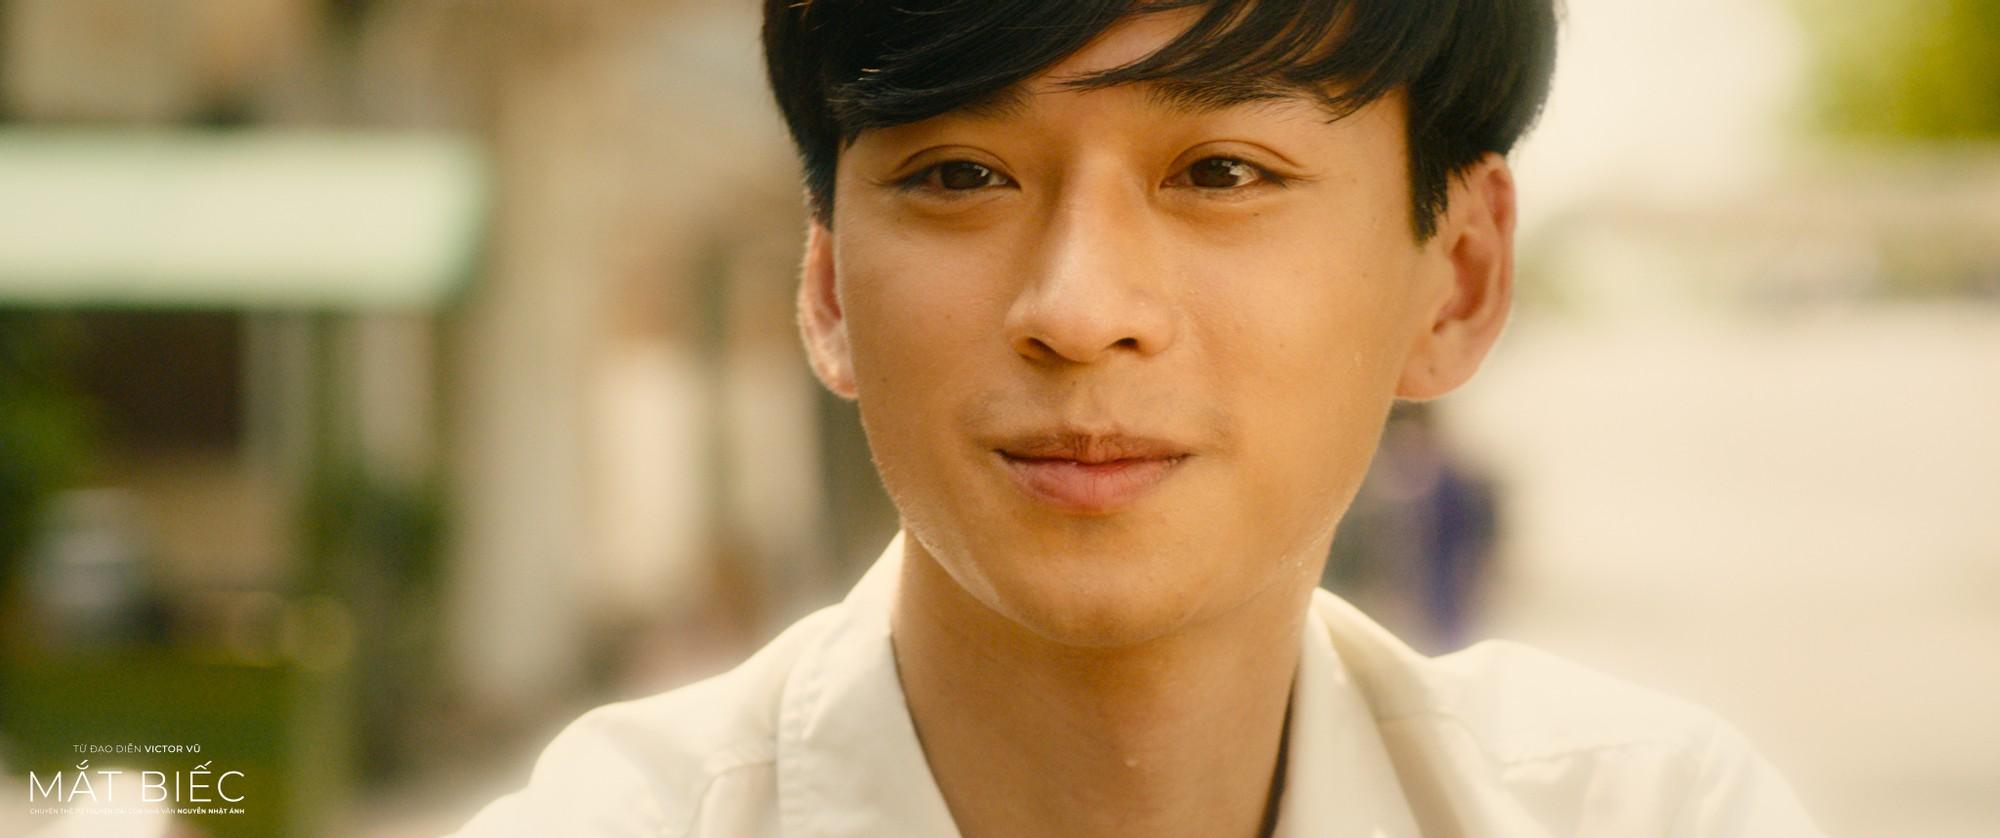 Mắt Biếc tung teaser nhạc đỉnh - cảnh đẹp: Ai cũng nức nở gọi tên Phan Mạnh Quỳnh! - Ảnh 16.